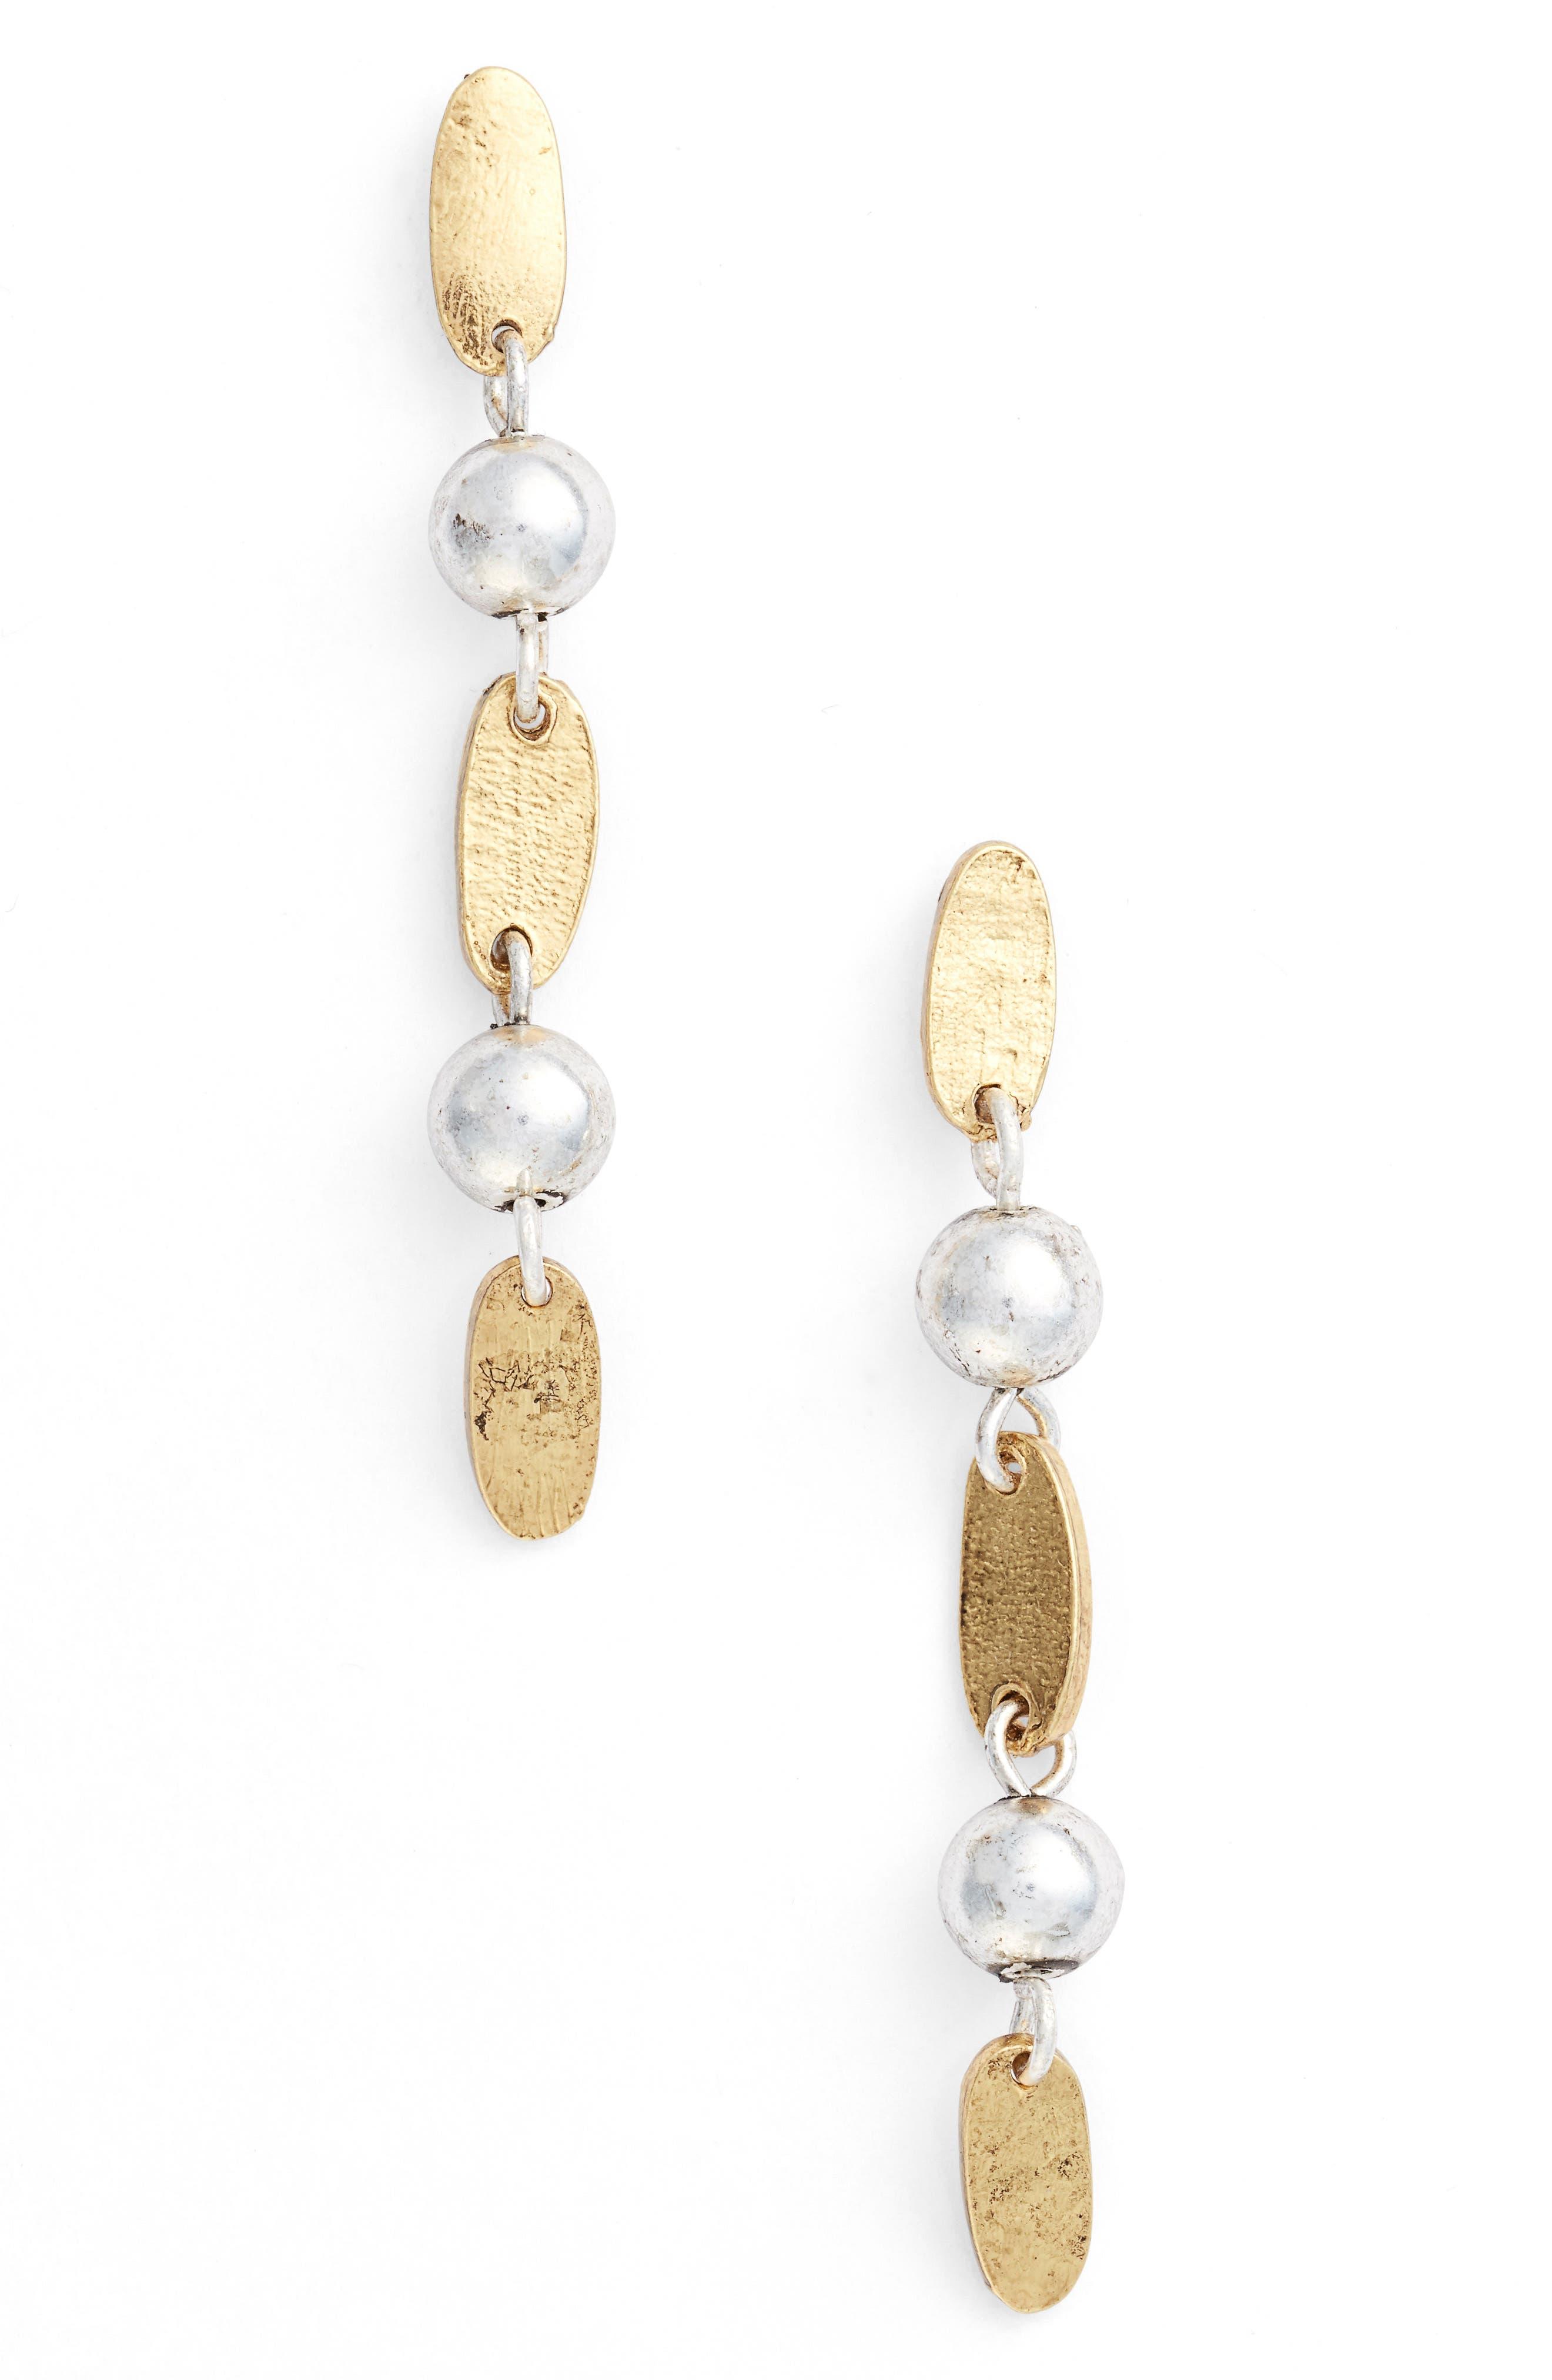 Karine Sultan Two-Tone Linear Earrings